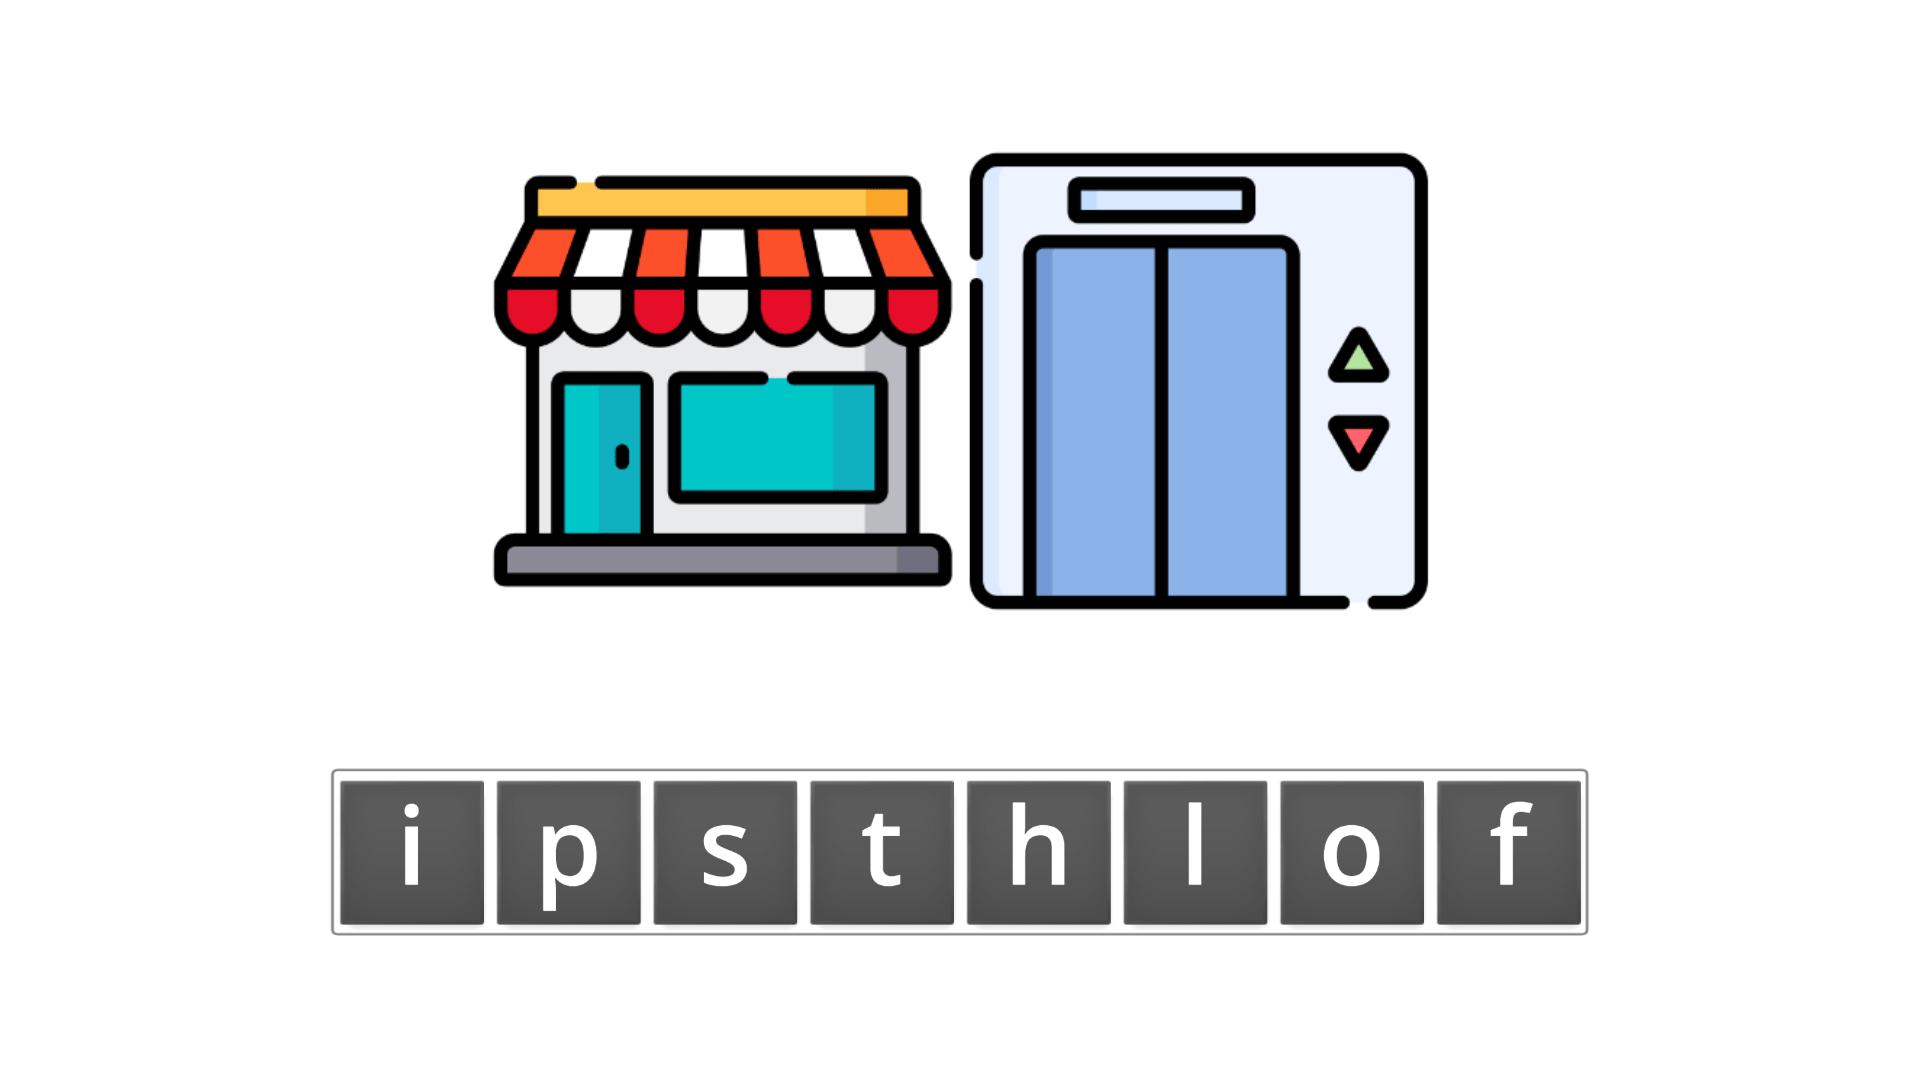 esl resources - flashcards - compound nouns  - unscramble - shoplift